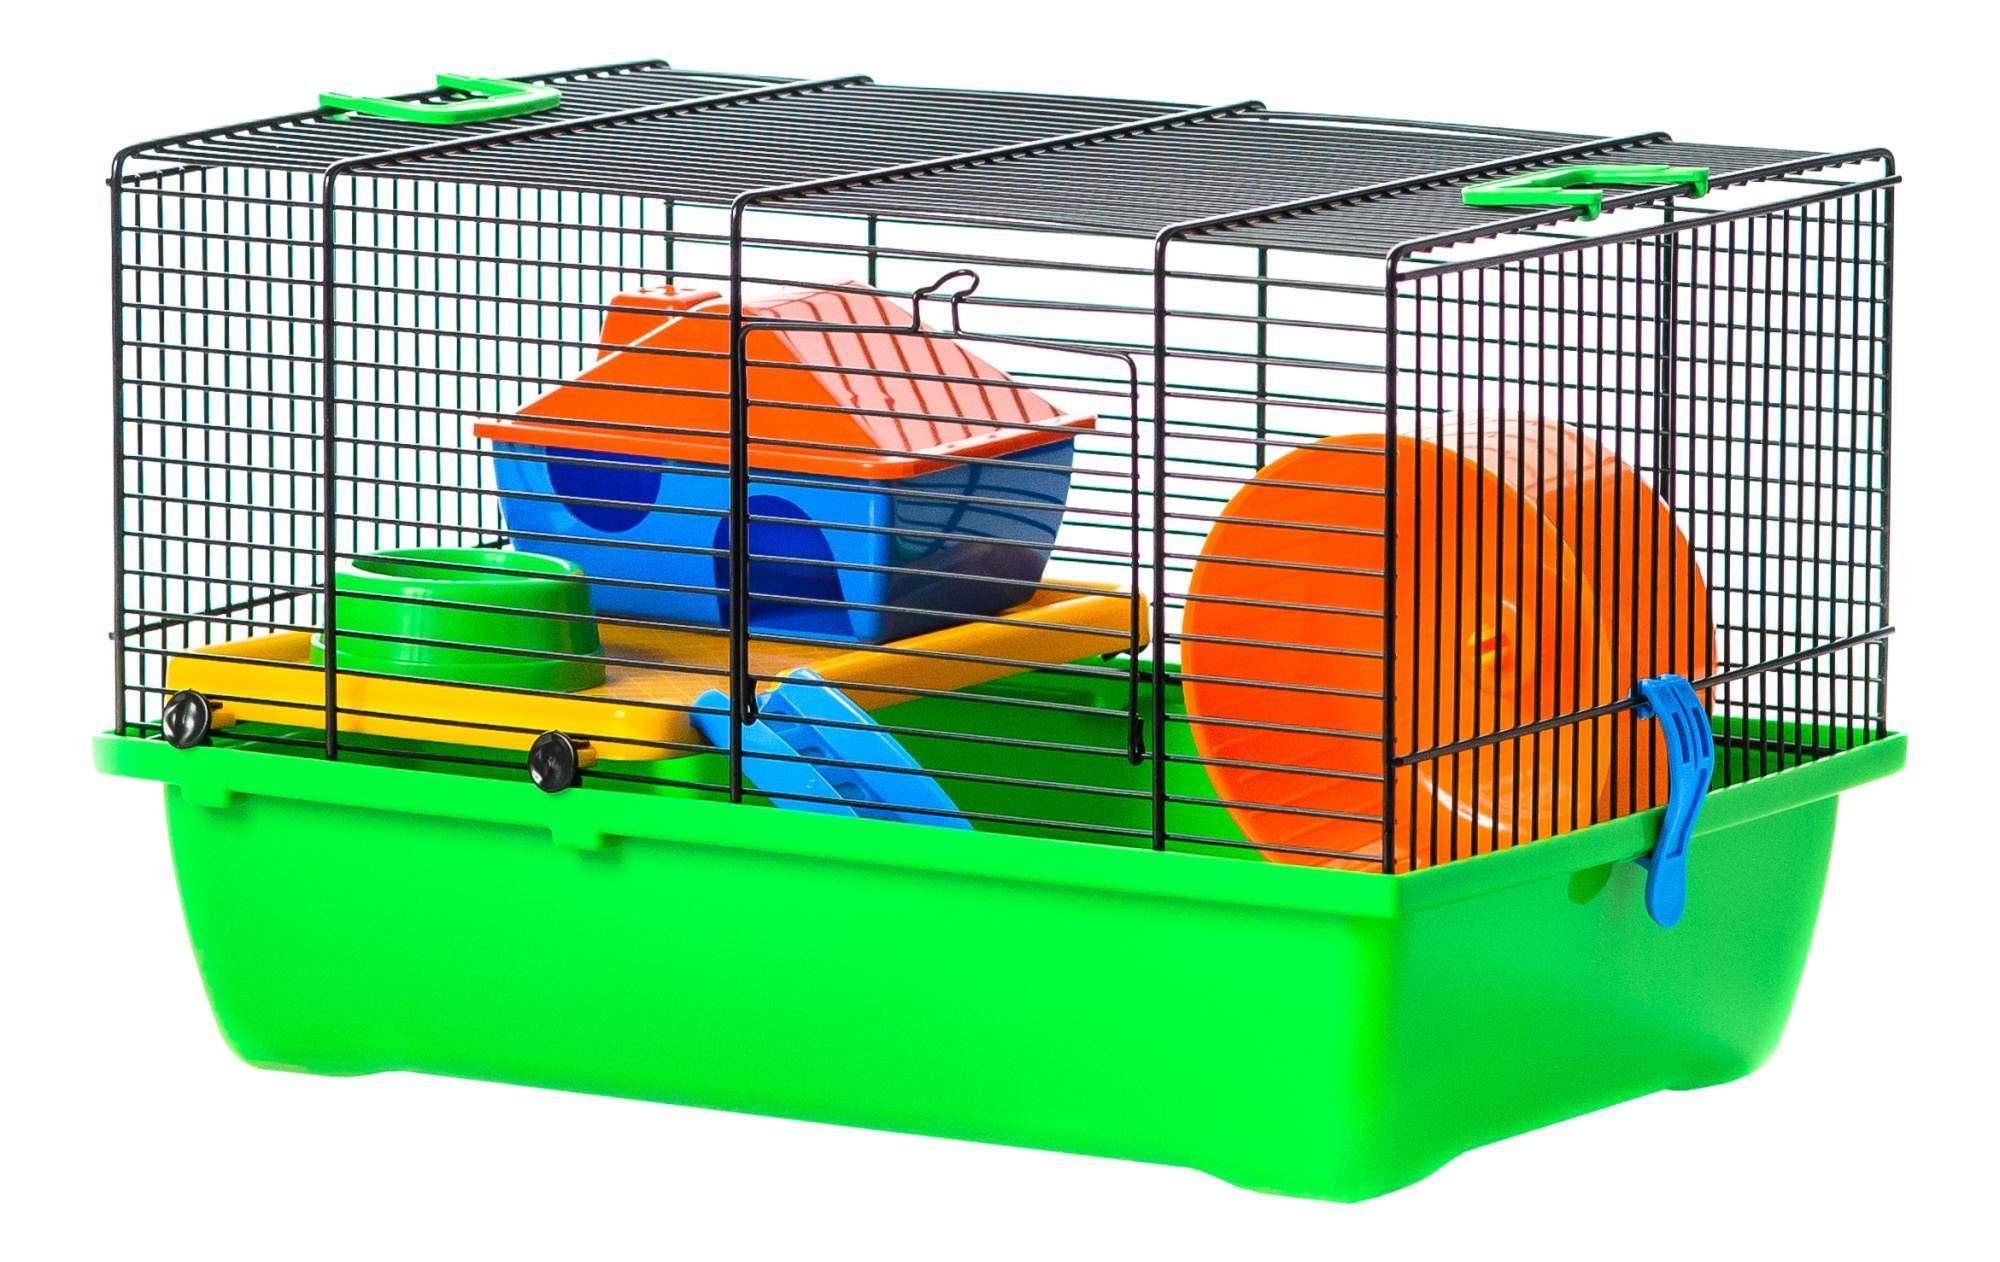 Клетка для крыс, морских свинок, мышей, хомяков INTER-ZOO 28х23.5х43см